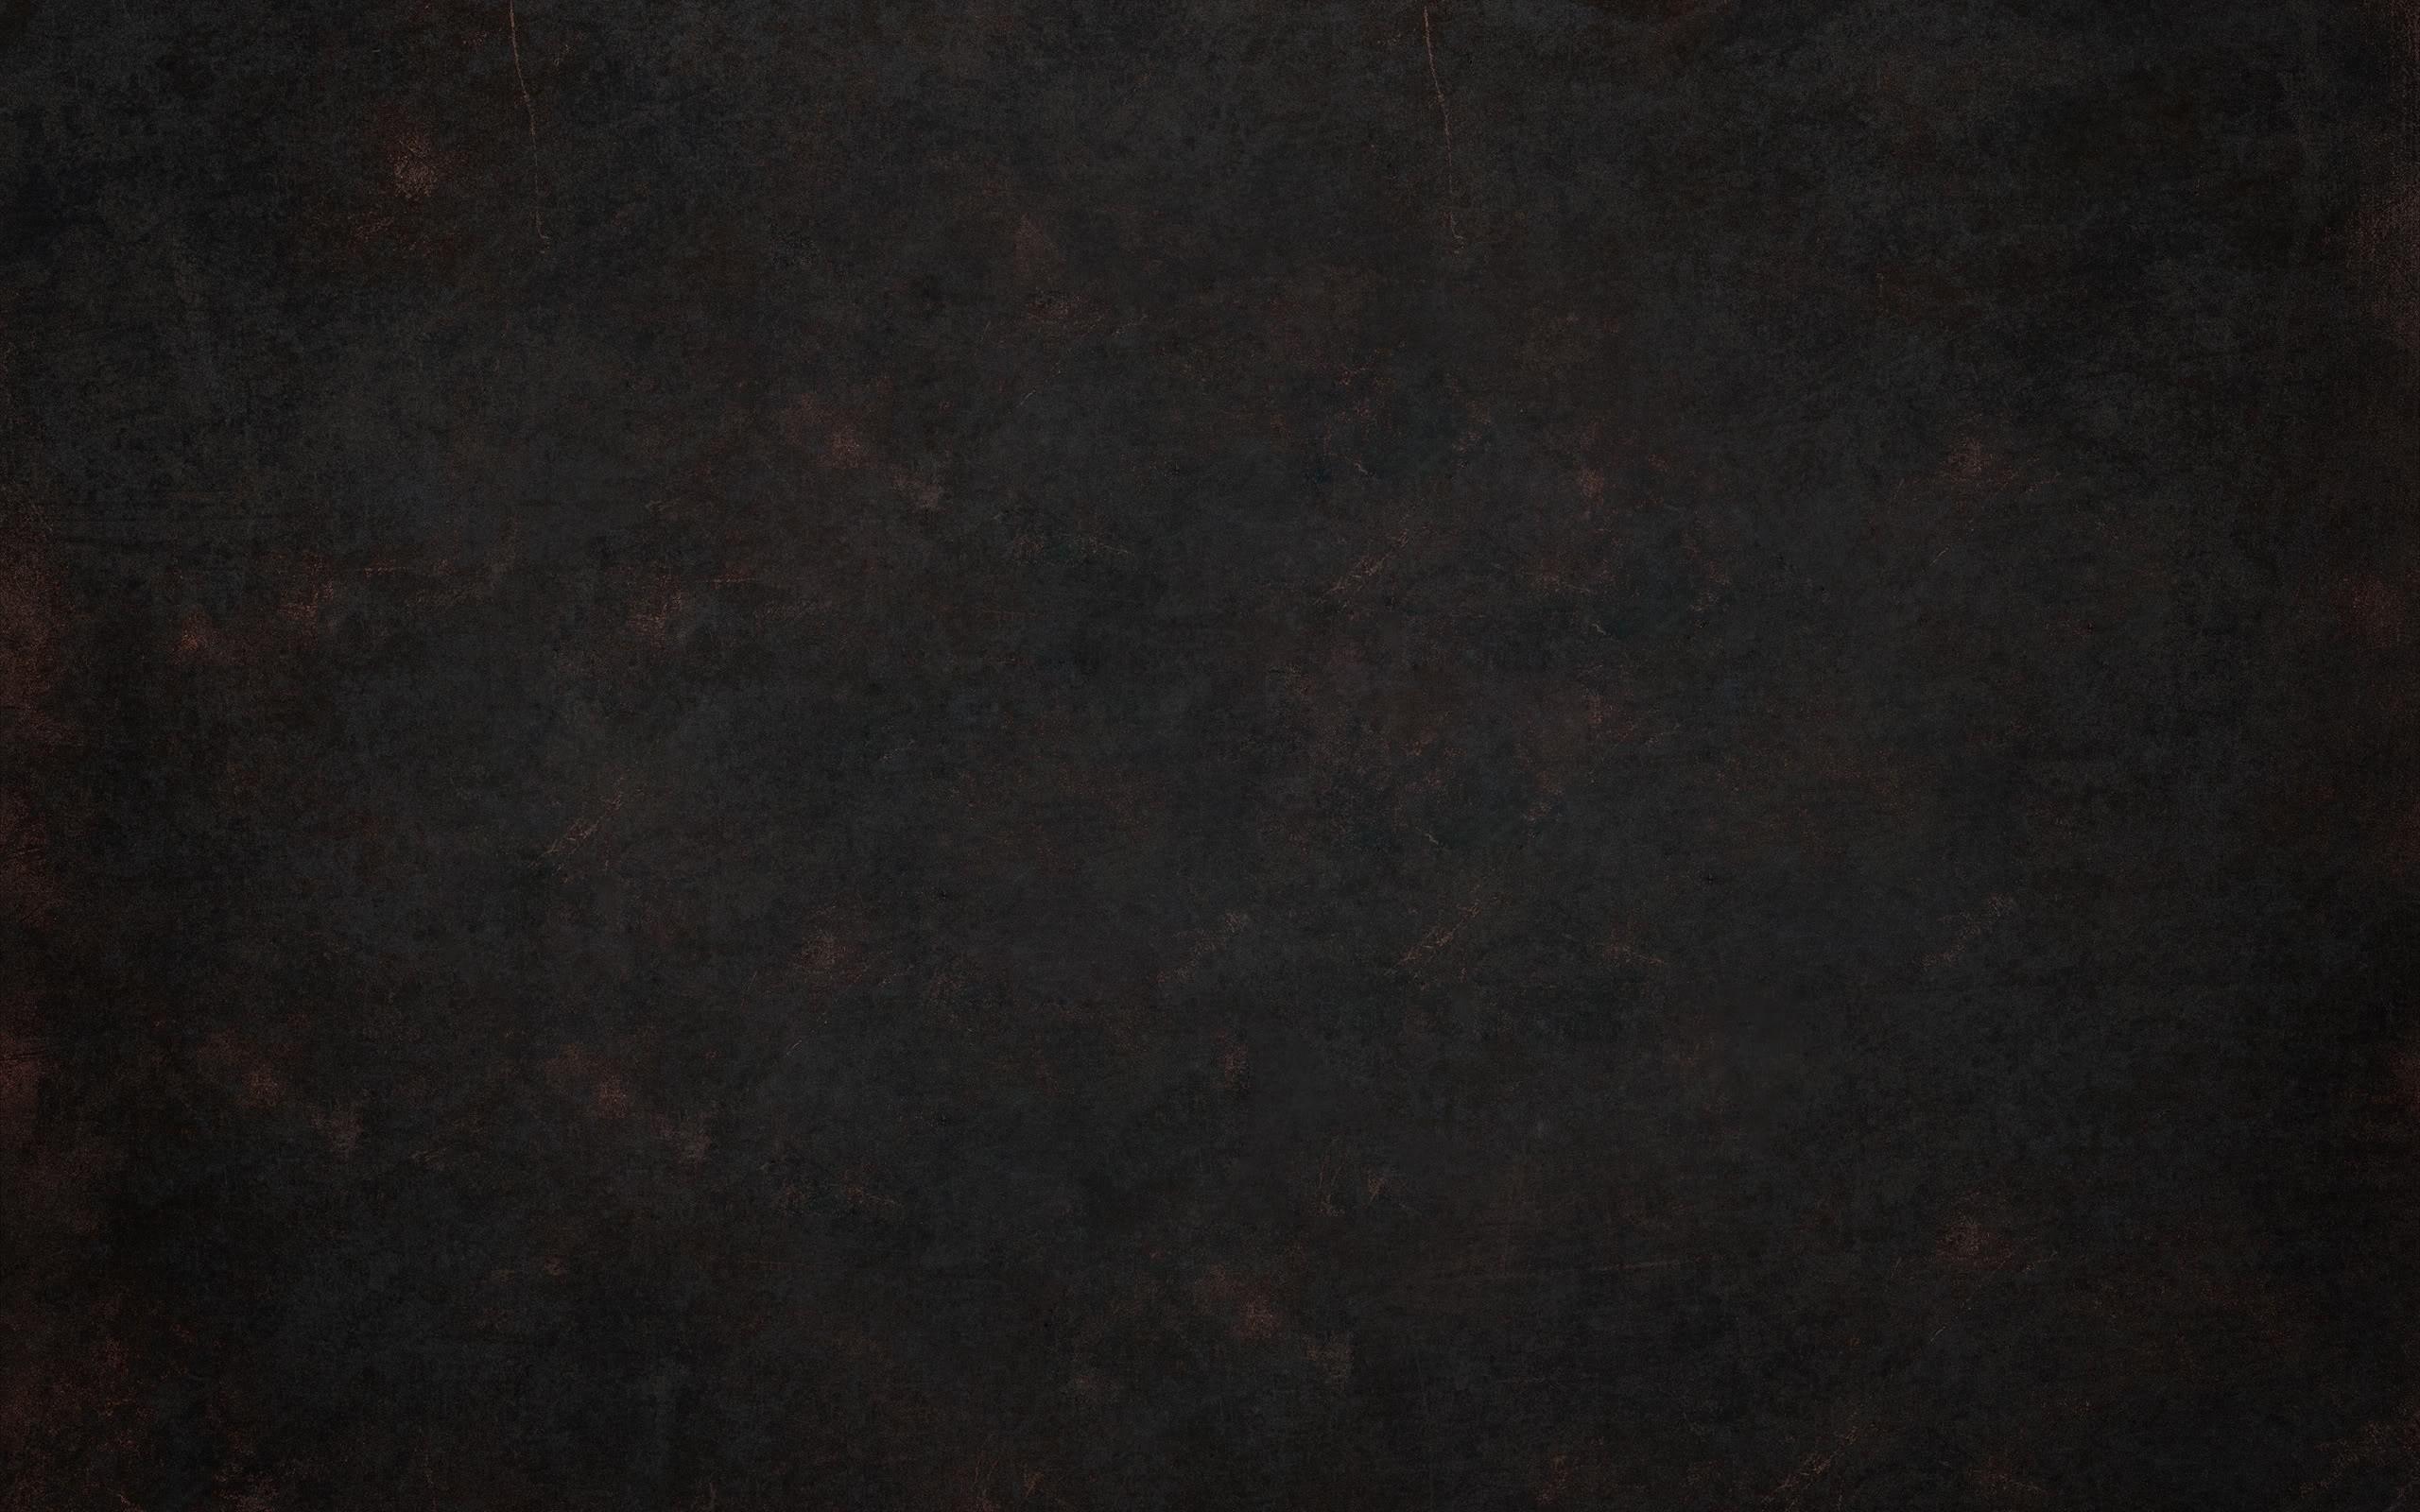 aa2d0d9f9839c 2560x1600 Rusty Black Steel Background